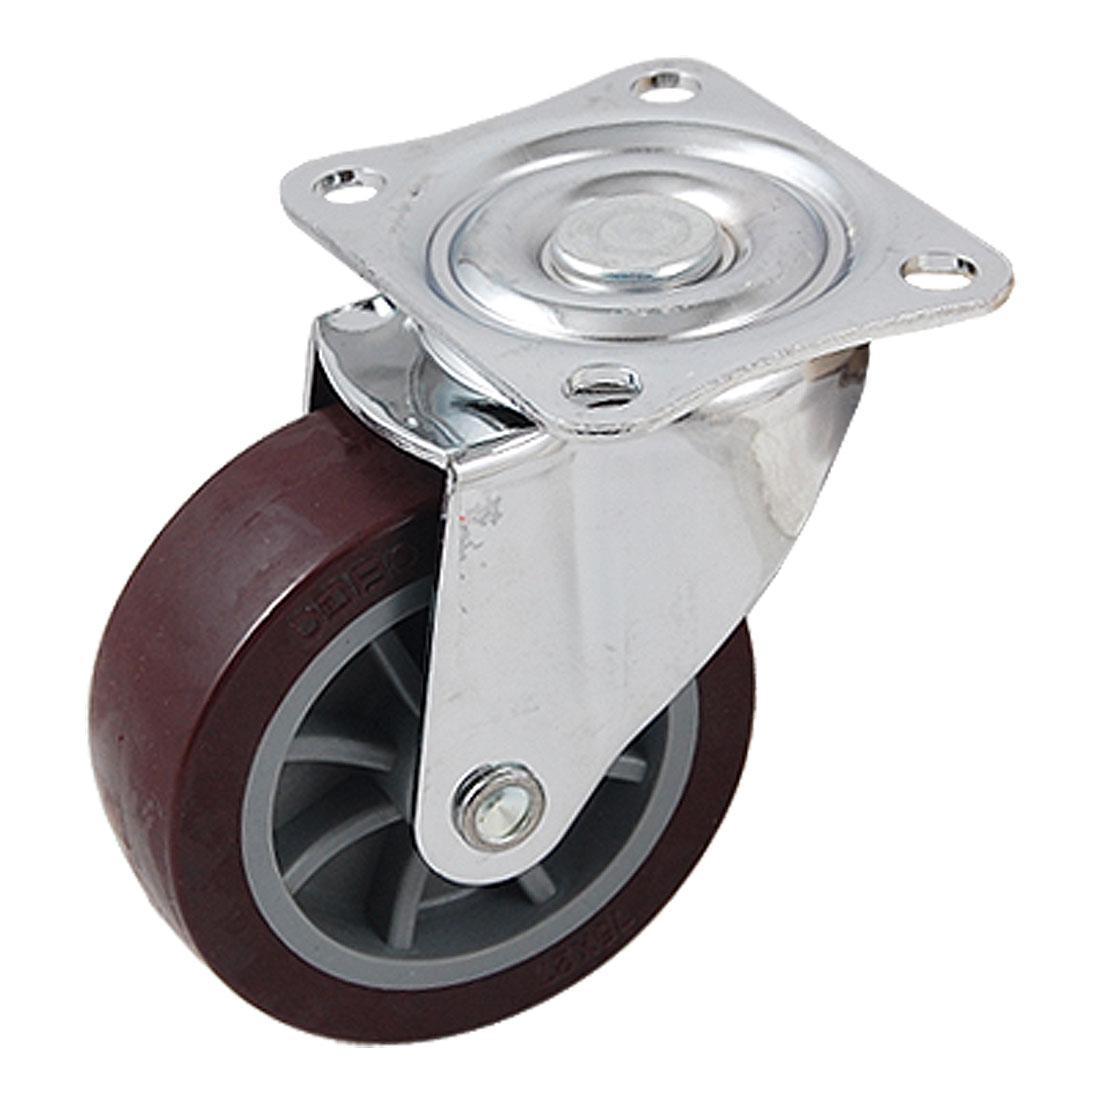 Light Duty 75 x 27mm Swivel Type Burgundy Wheel Industrial Caster